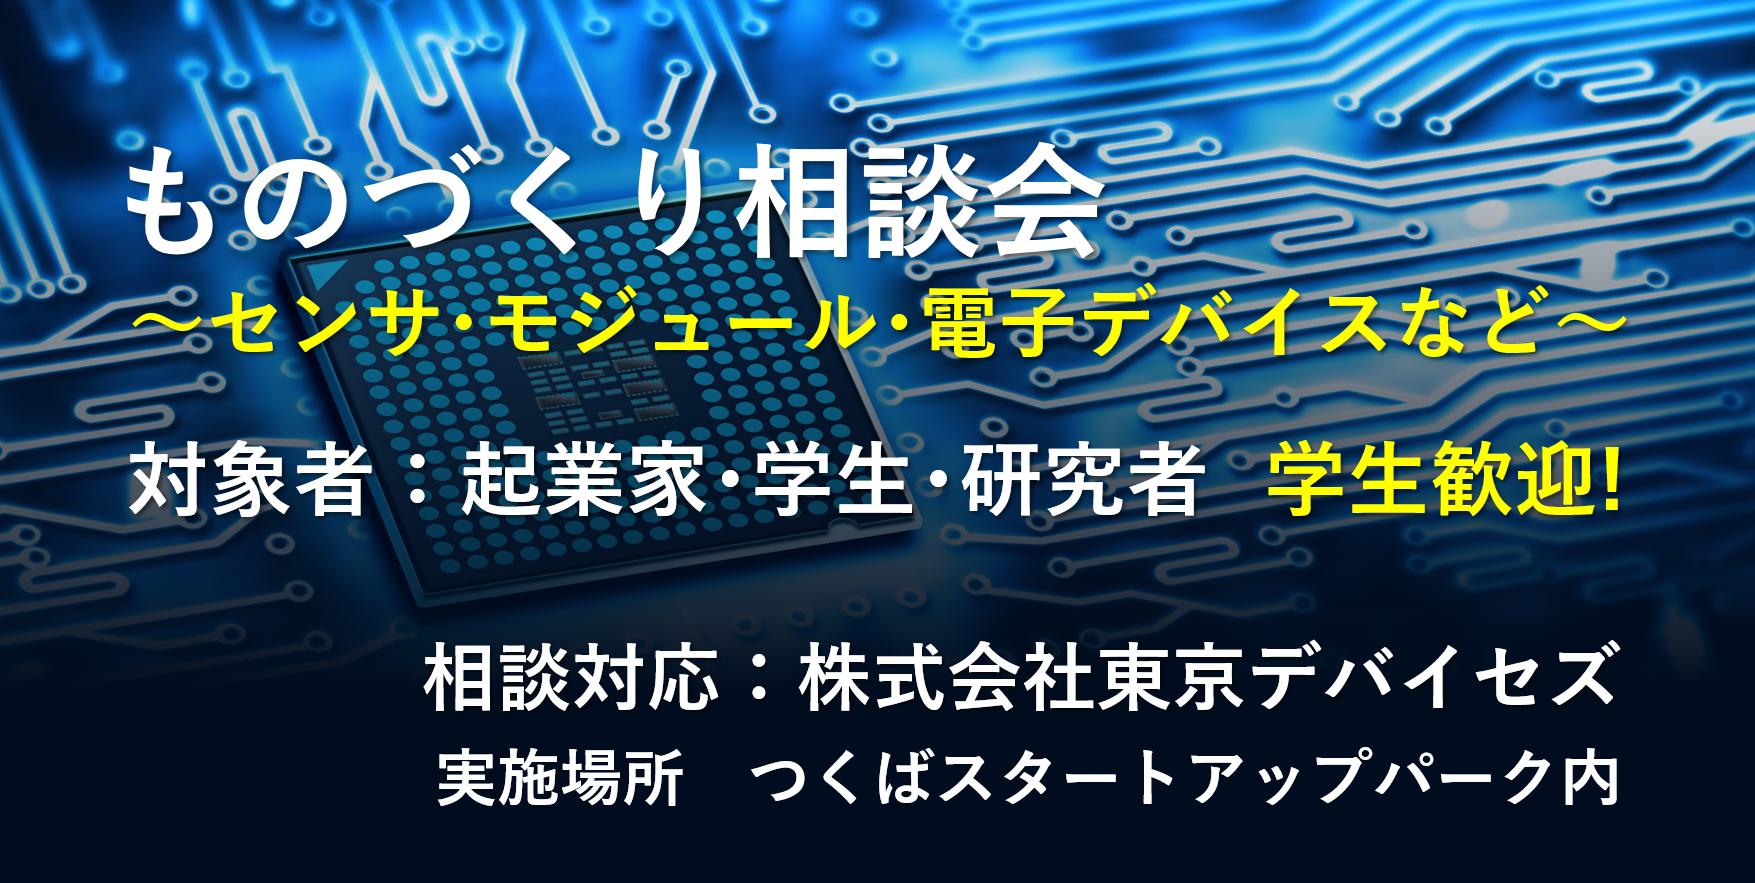 ものづくり相談会@1【センサ・モジュール・電子デバイスなど】